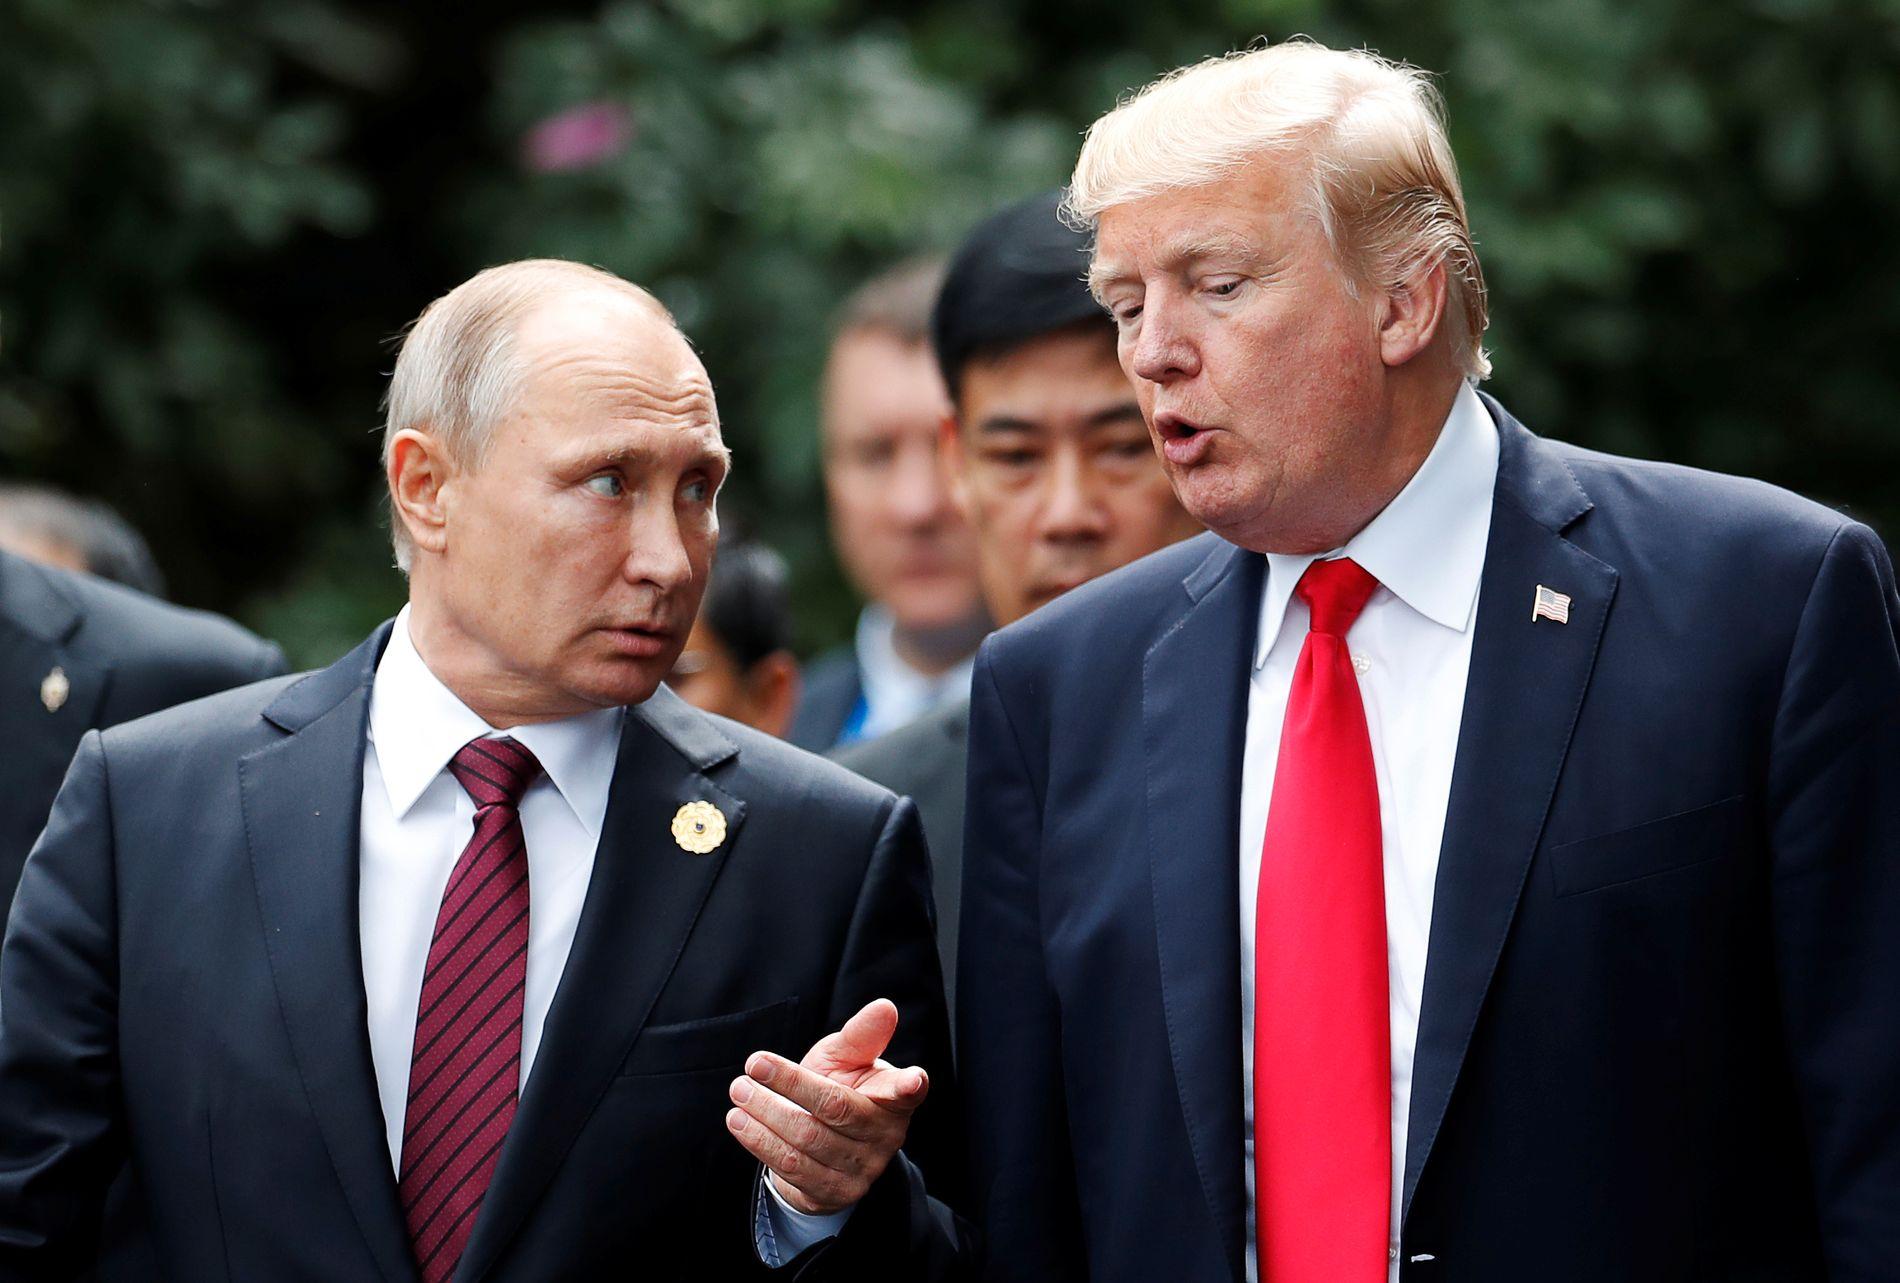 MØTTES IGJEN: Donald Trump og Vladimir Putin i samtaler under APEC-møtet i Danang i Vietnam 11. november.